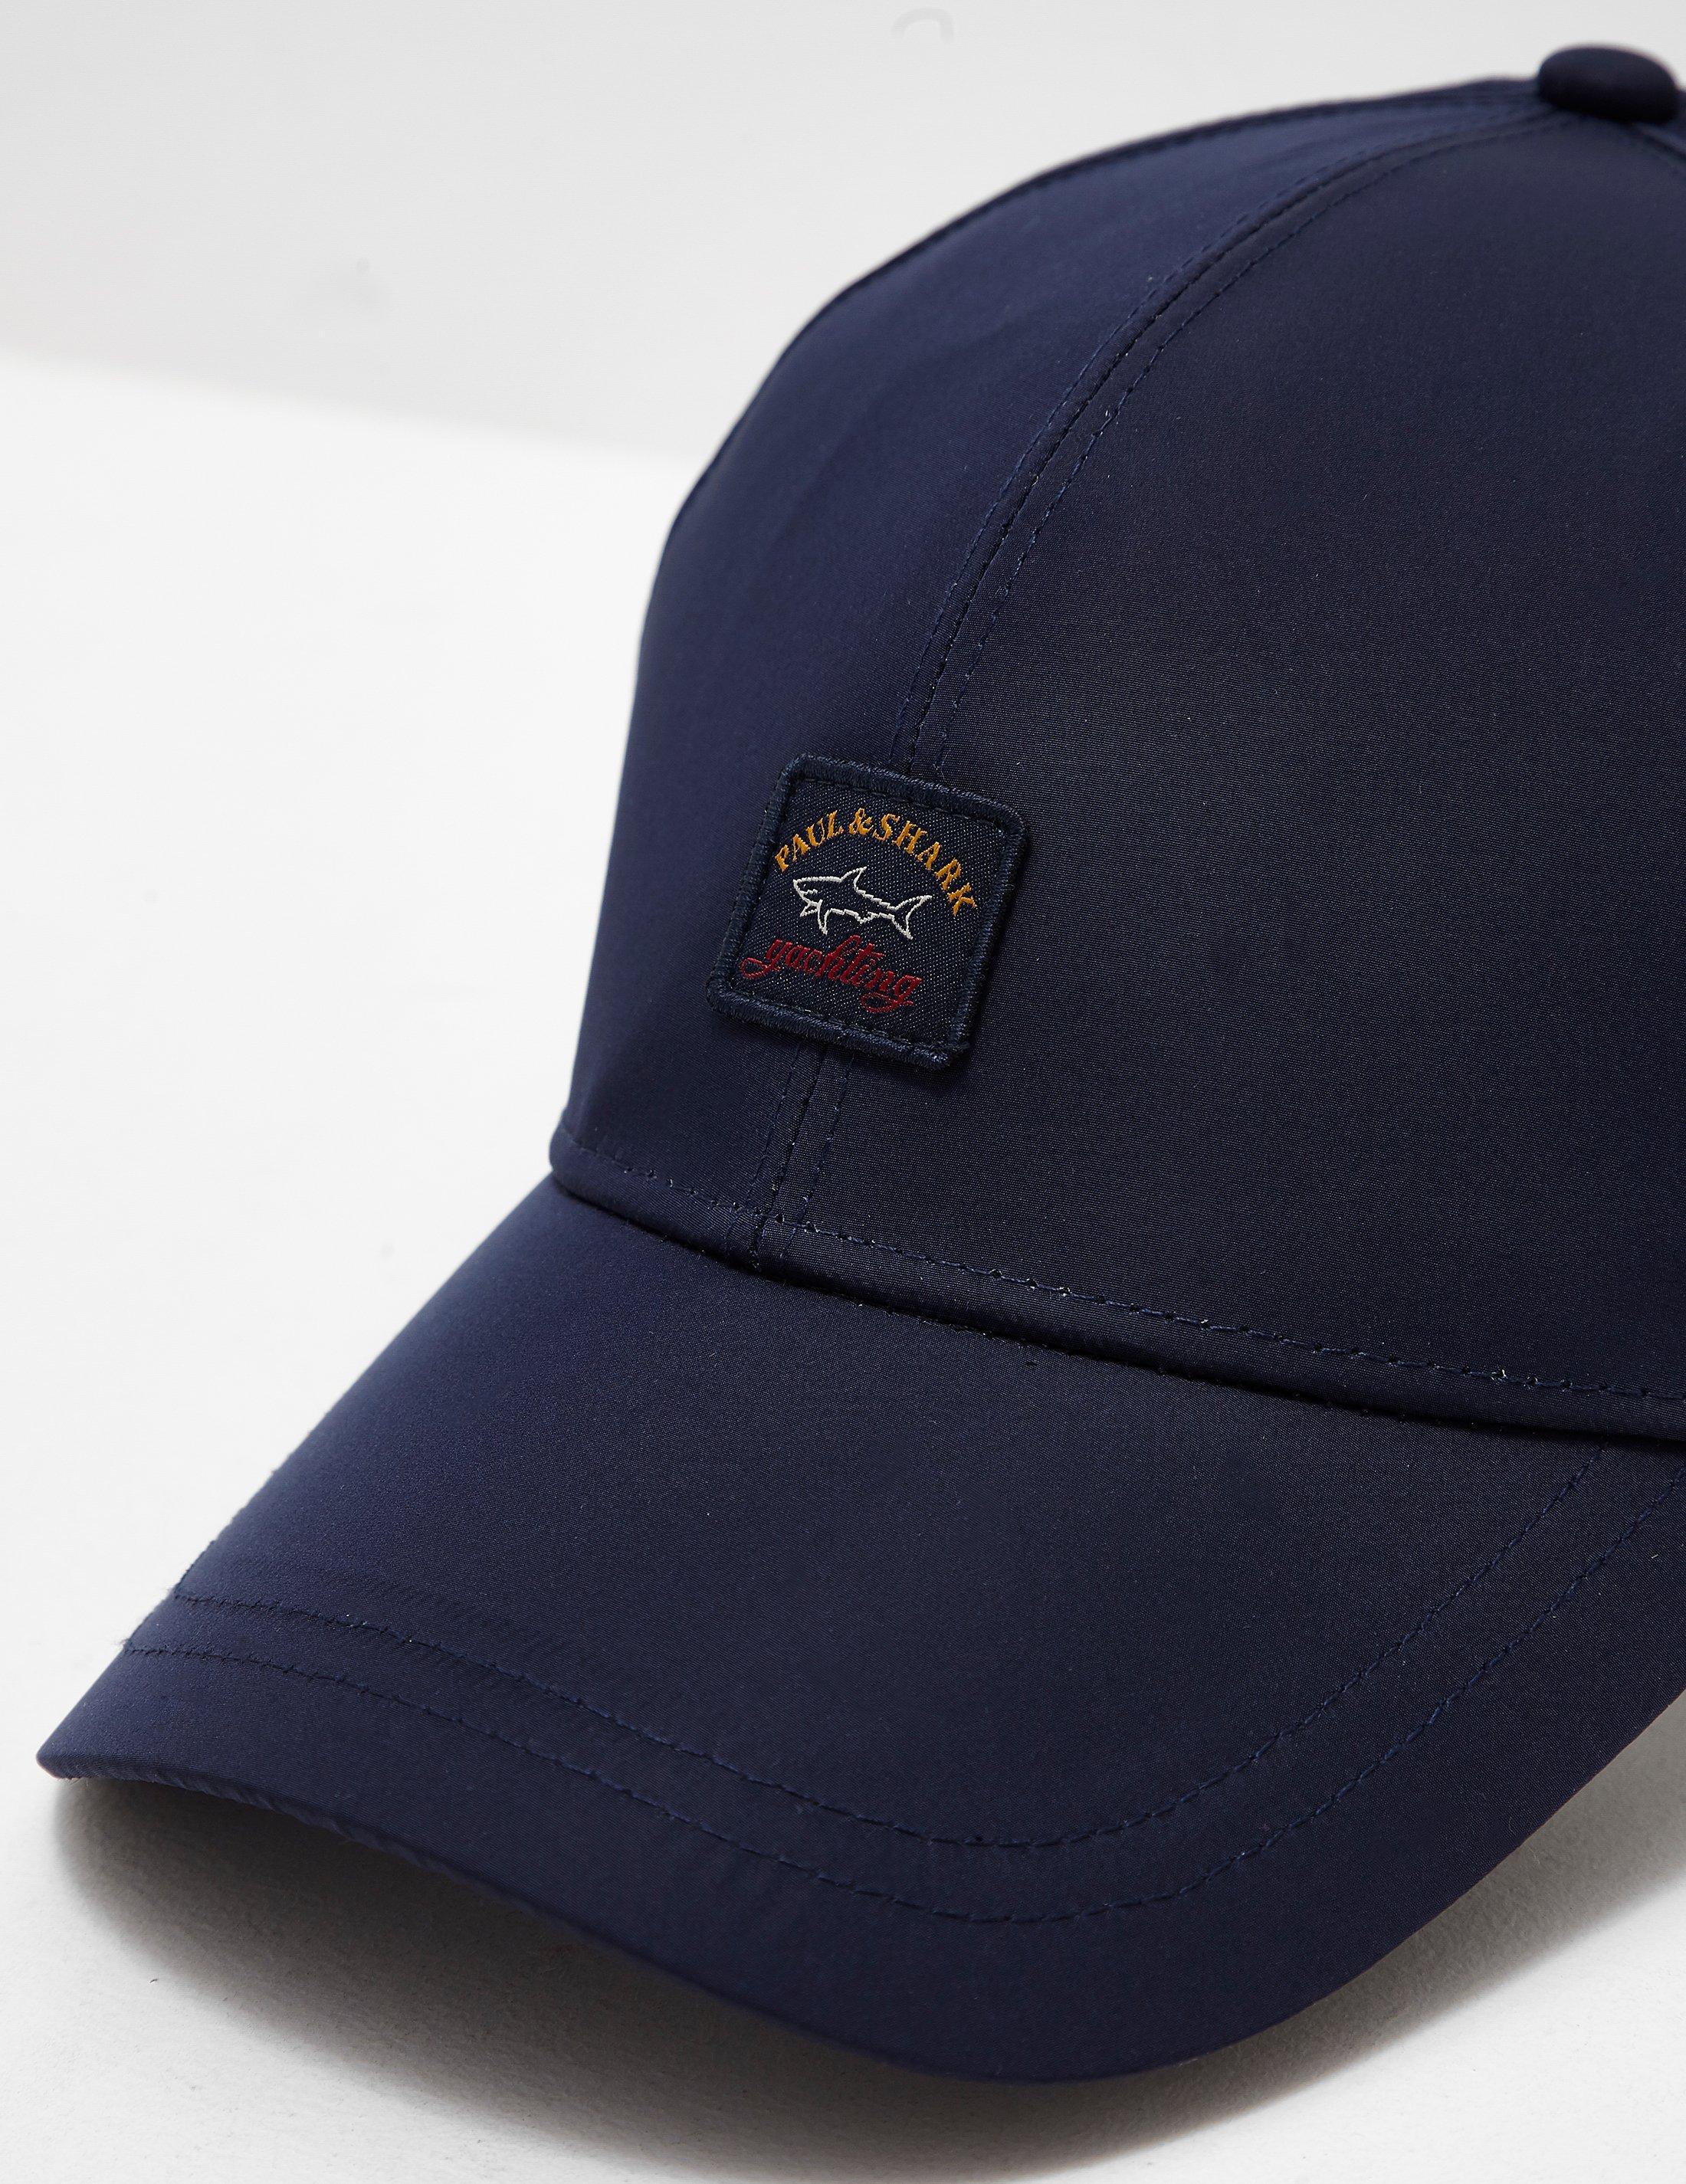 Lyst - Paul   Shark Mens Nylon Logo Cap Navy Blue in Blue for Men 7e53cb3118c5